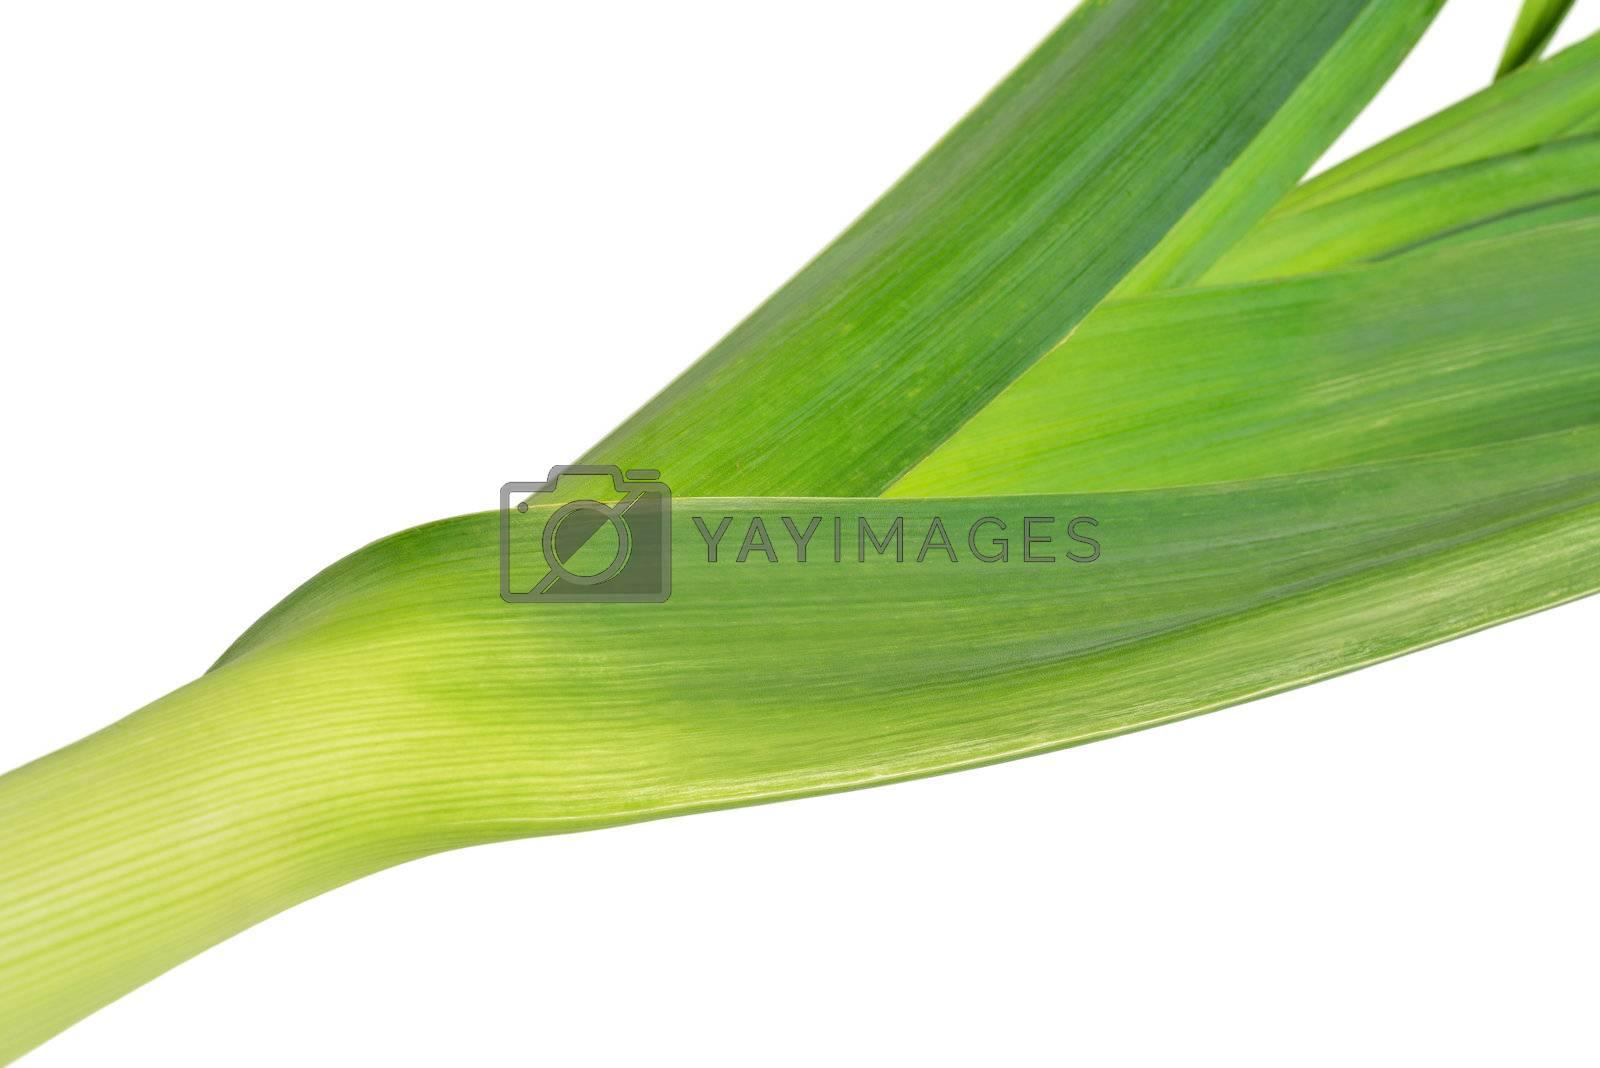 One fresh leek isolated on white background.